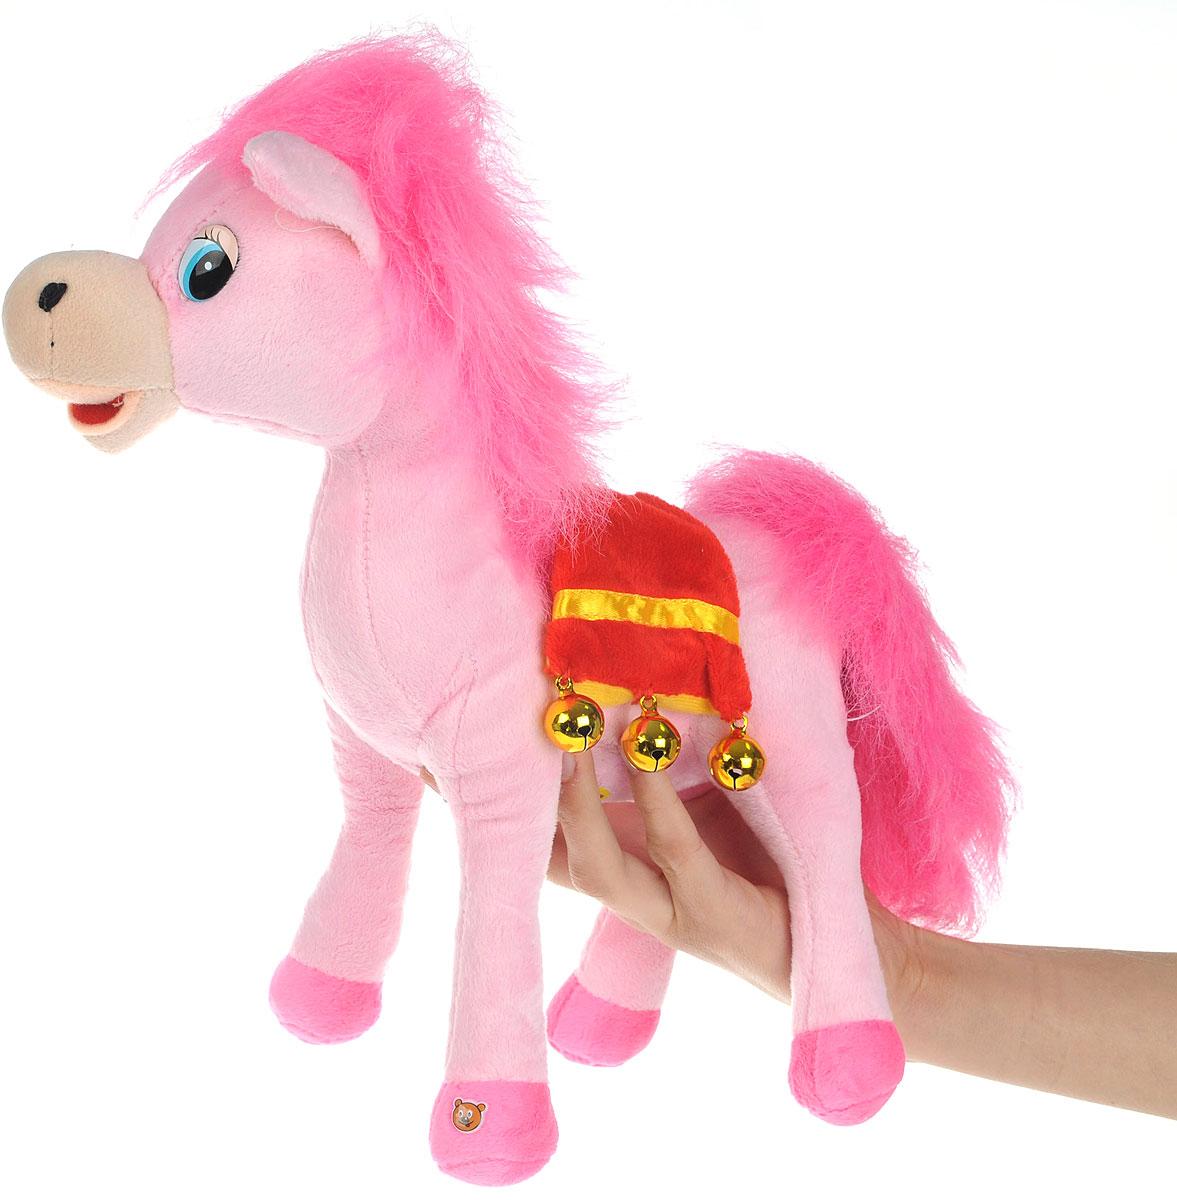 Мульти-Пульти Мягкая озвученная игрушка Лошадка цвет розовый 30 см